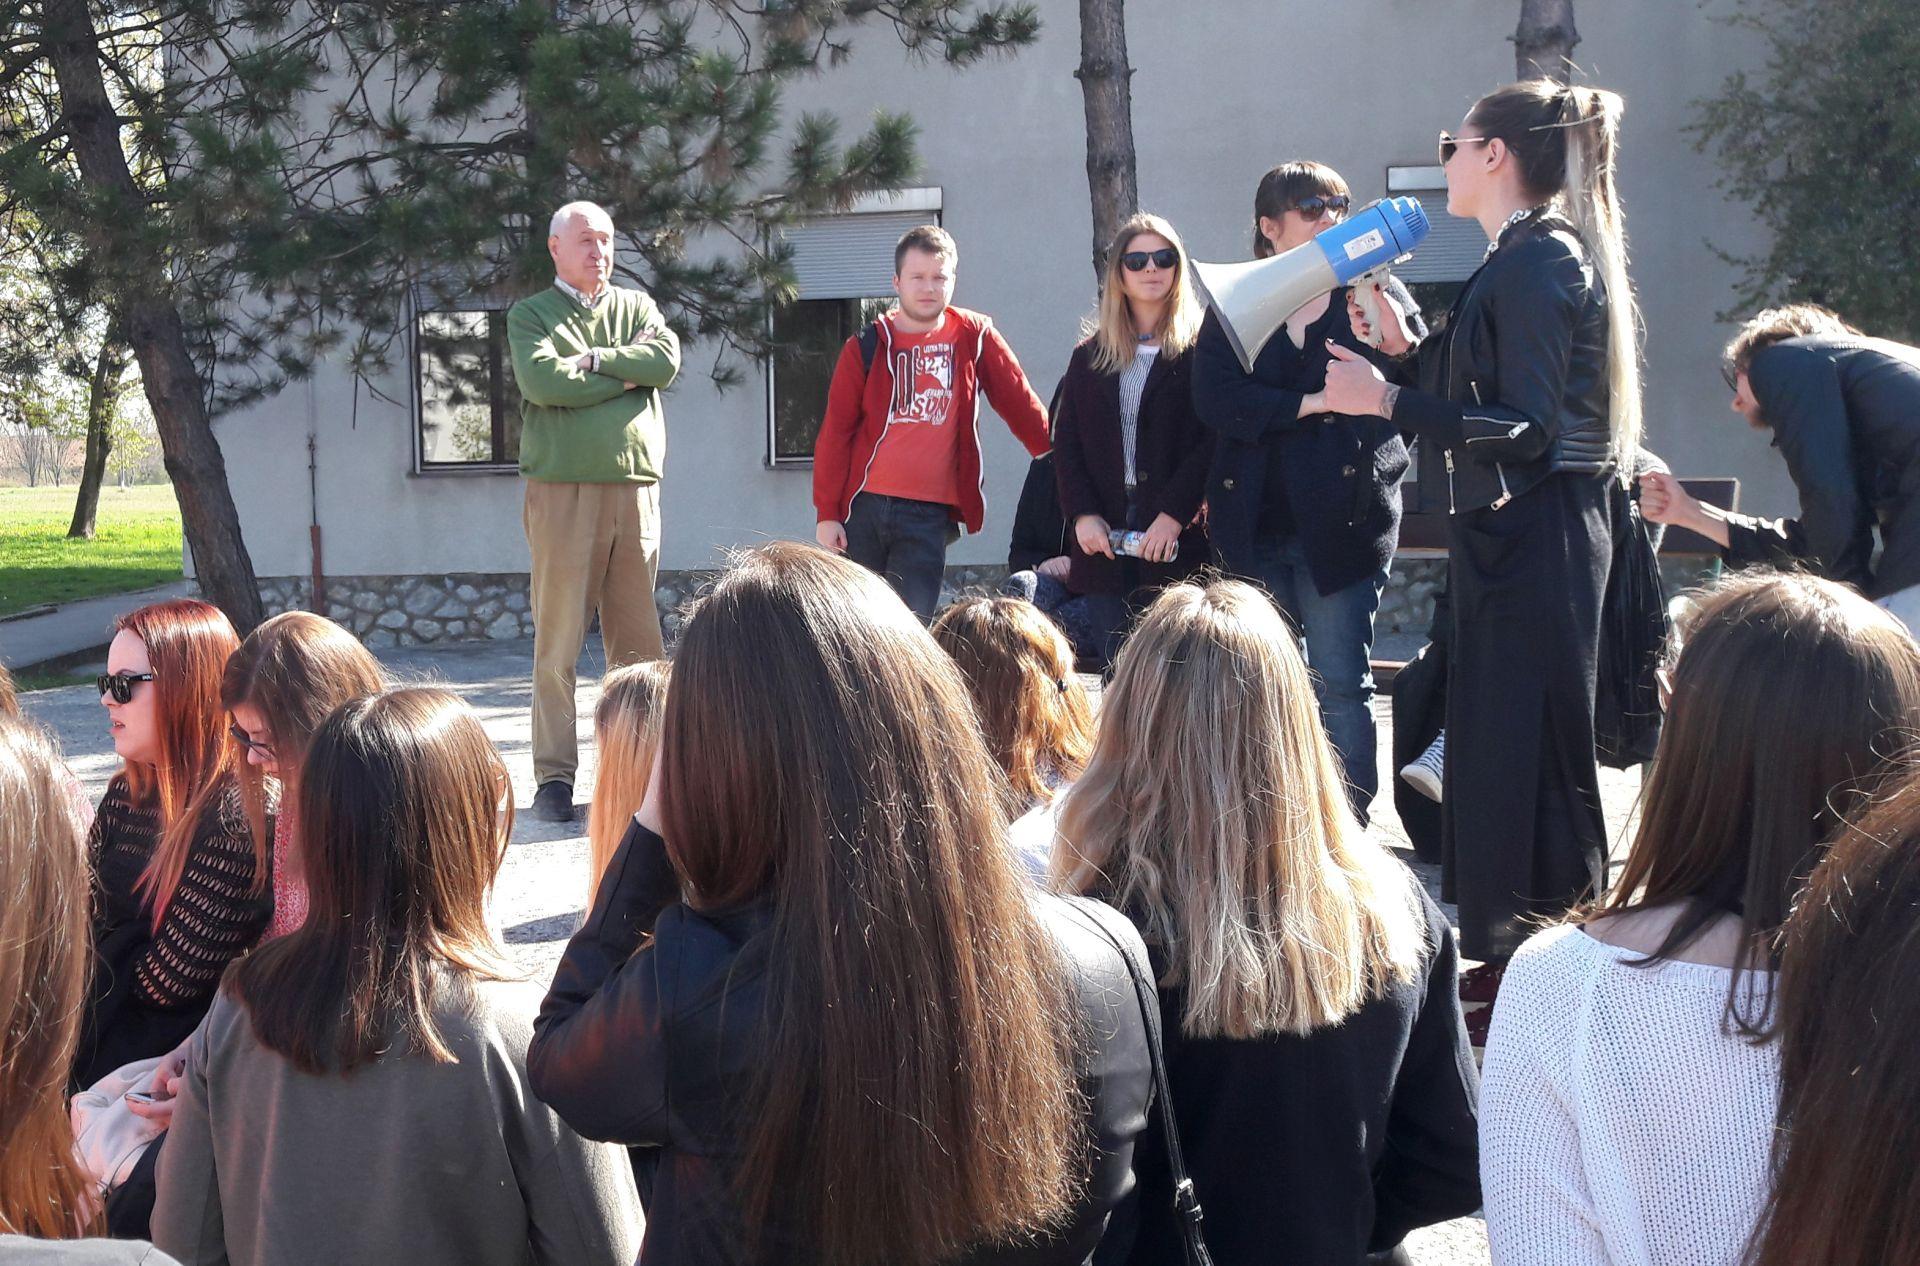 SEDMI DAN: Studenti Hrvatskih studija nastavljaju blokadu nastave